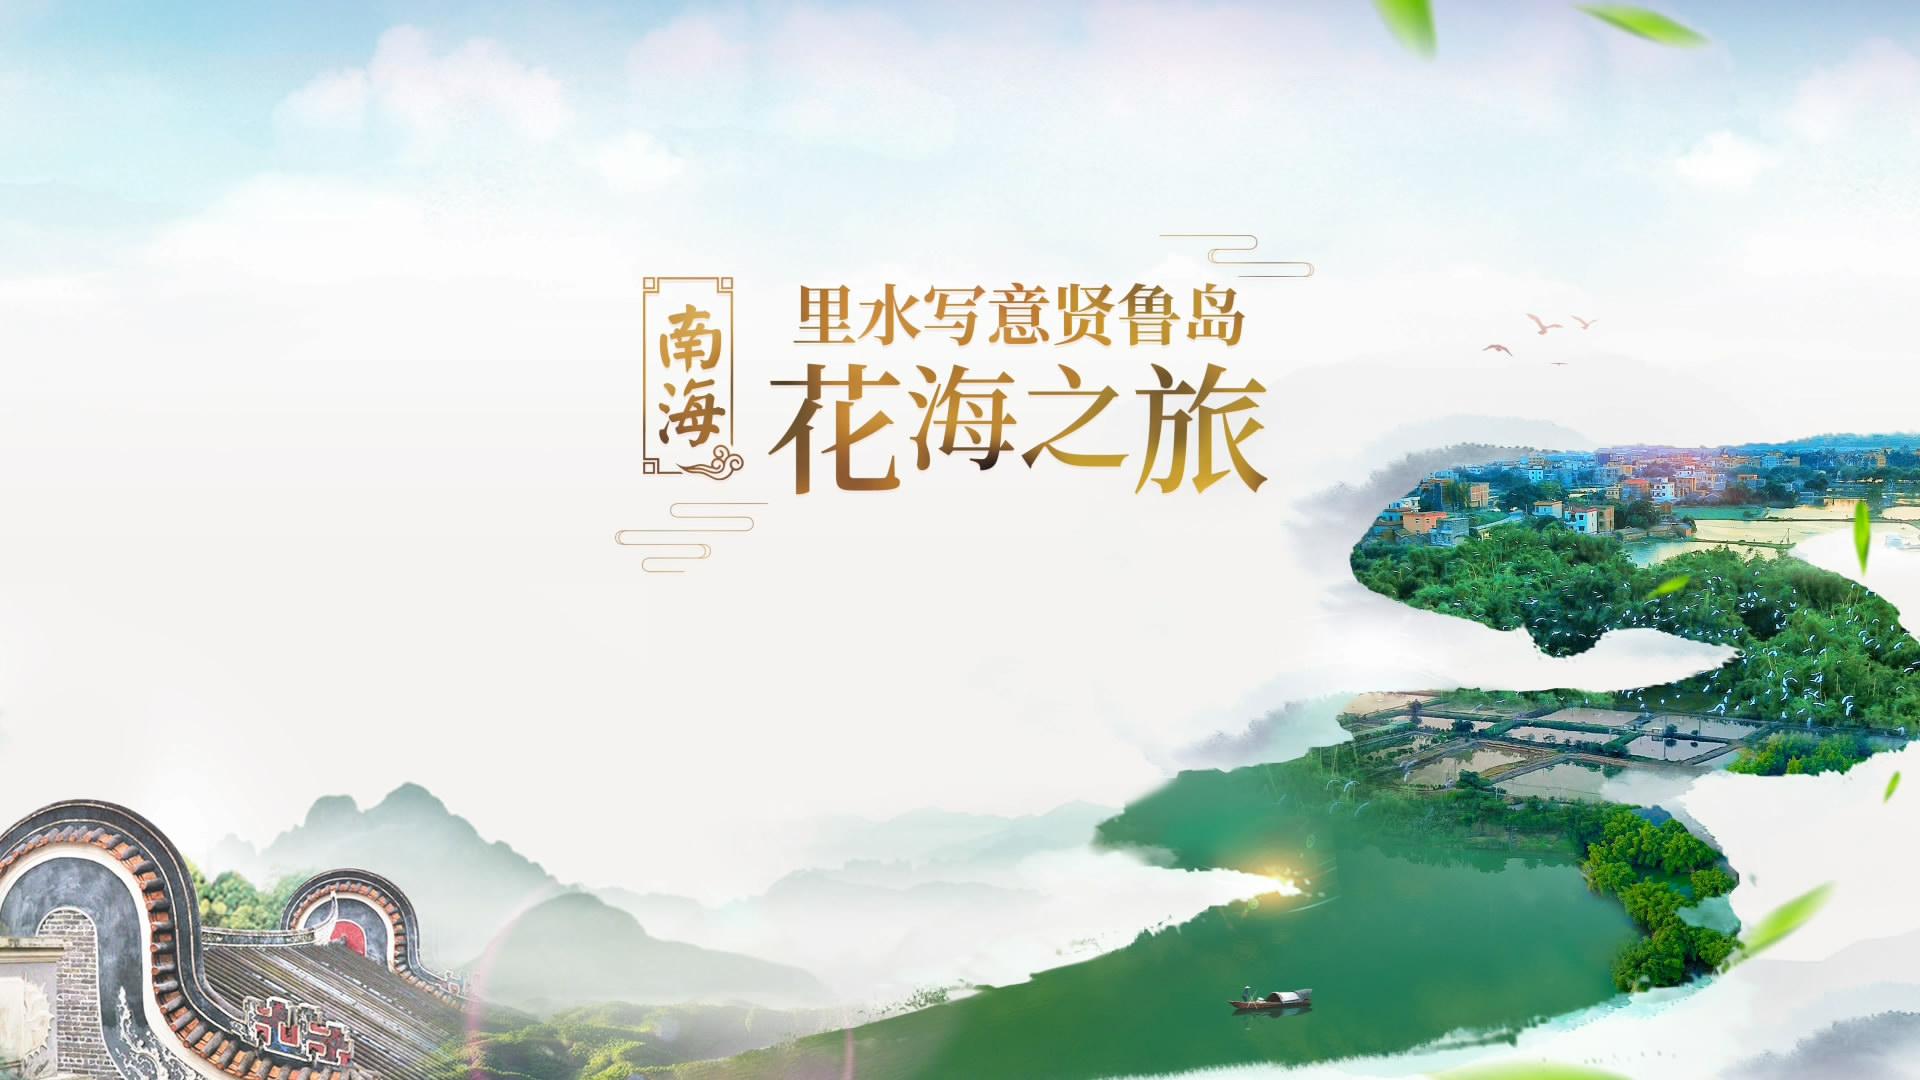 里水·写意贤鲁岛花海之旅[00_00_05][20190306-154218-1].JPG